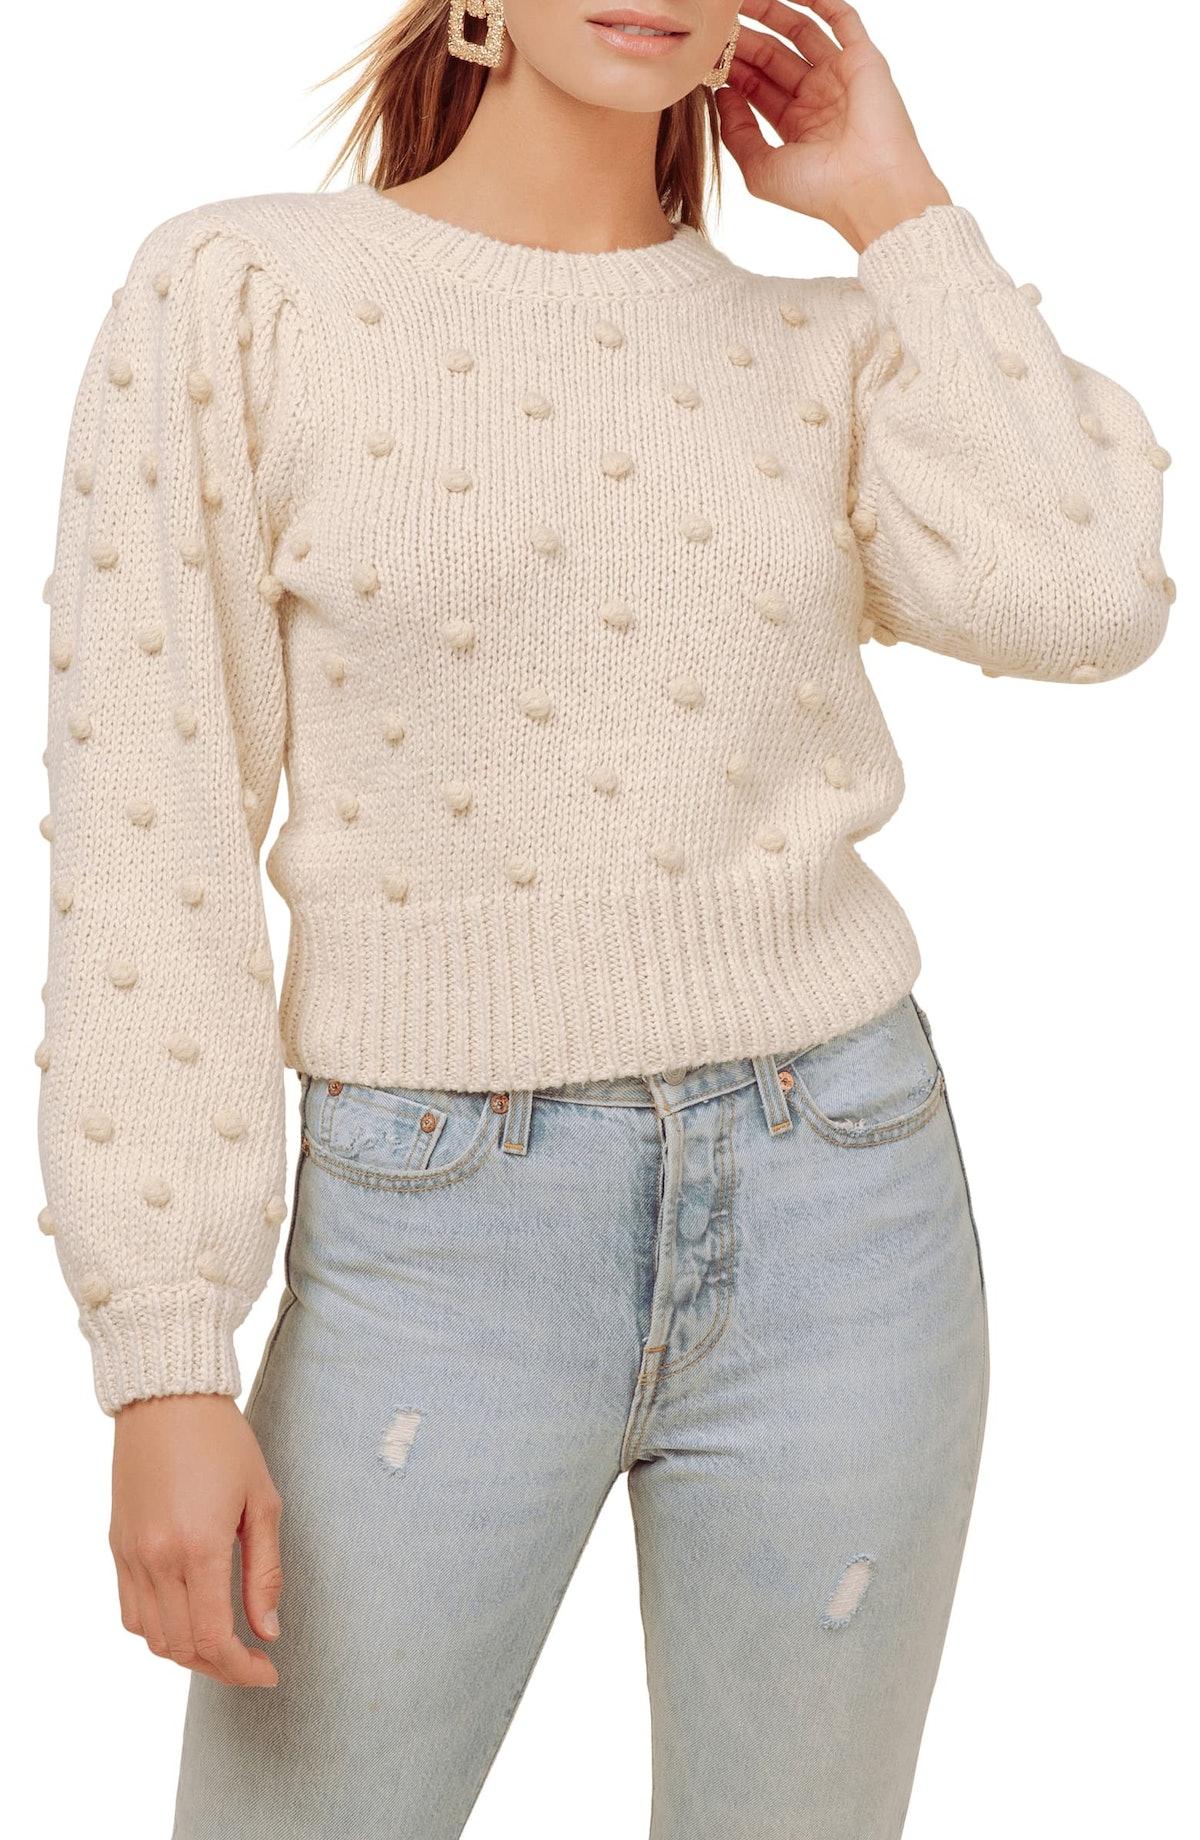 Aidy Pompom Dot Sweater